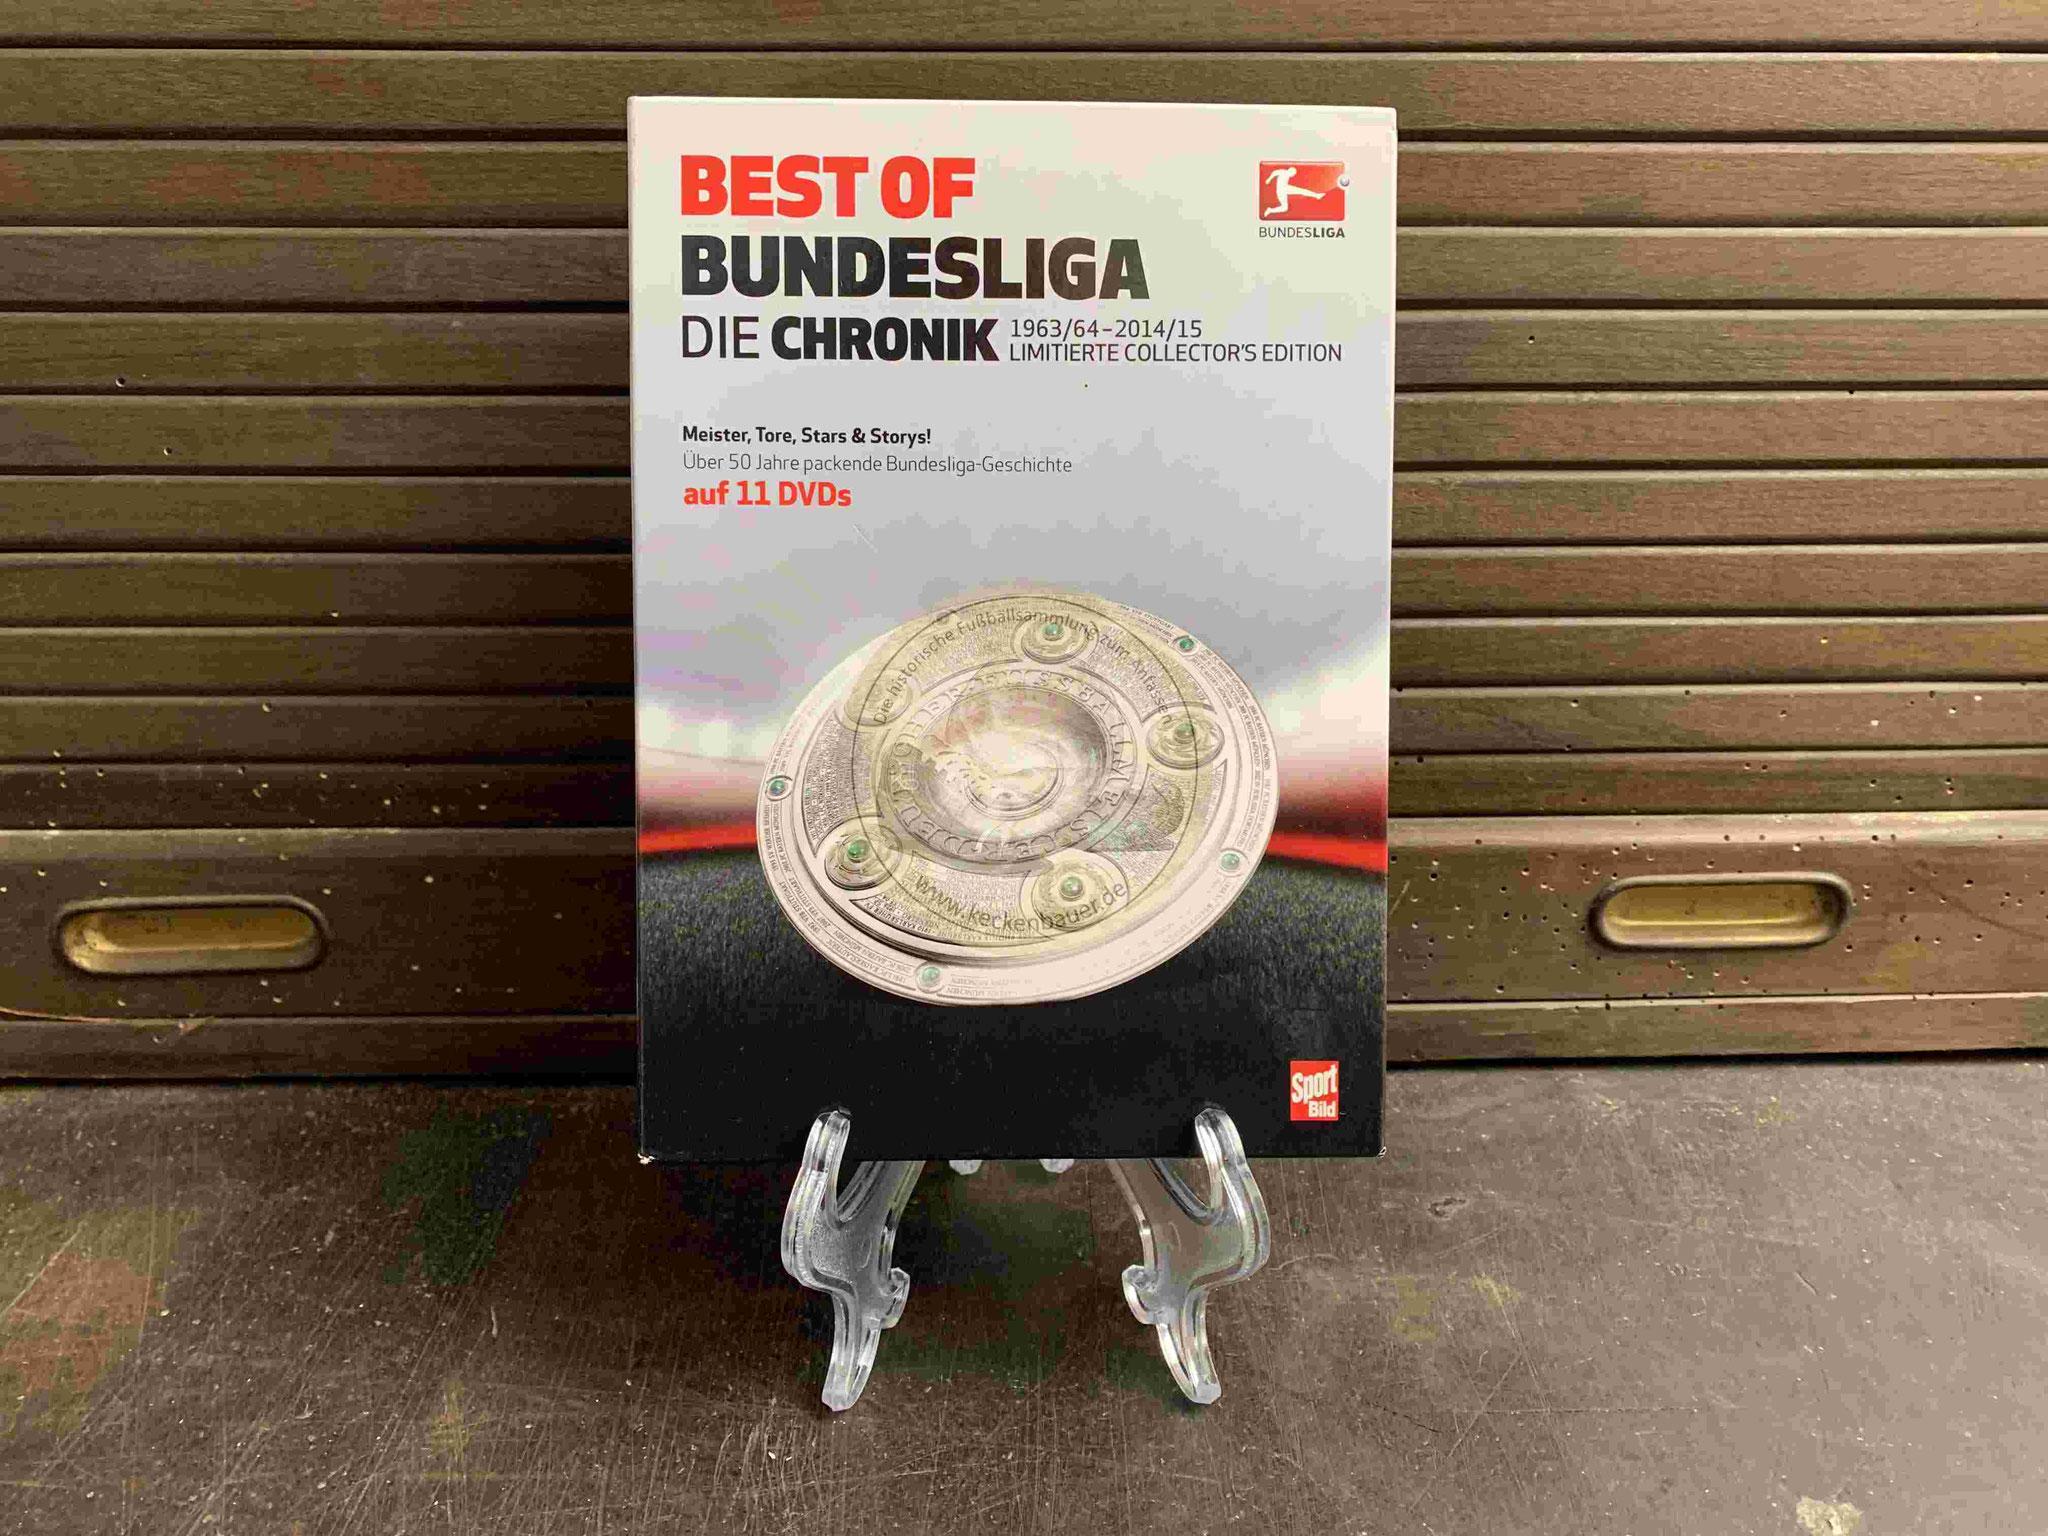 2014 Best of Bundesliga Die Chronik von Sportbild